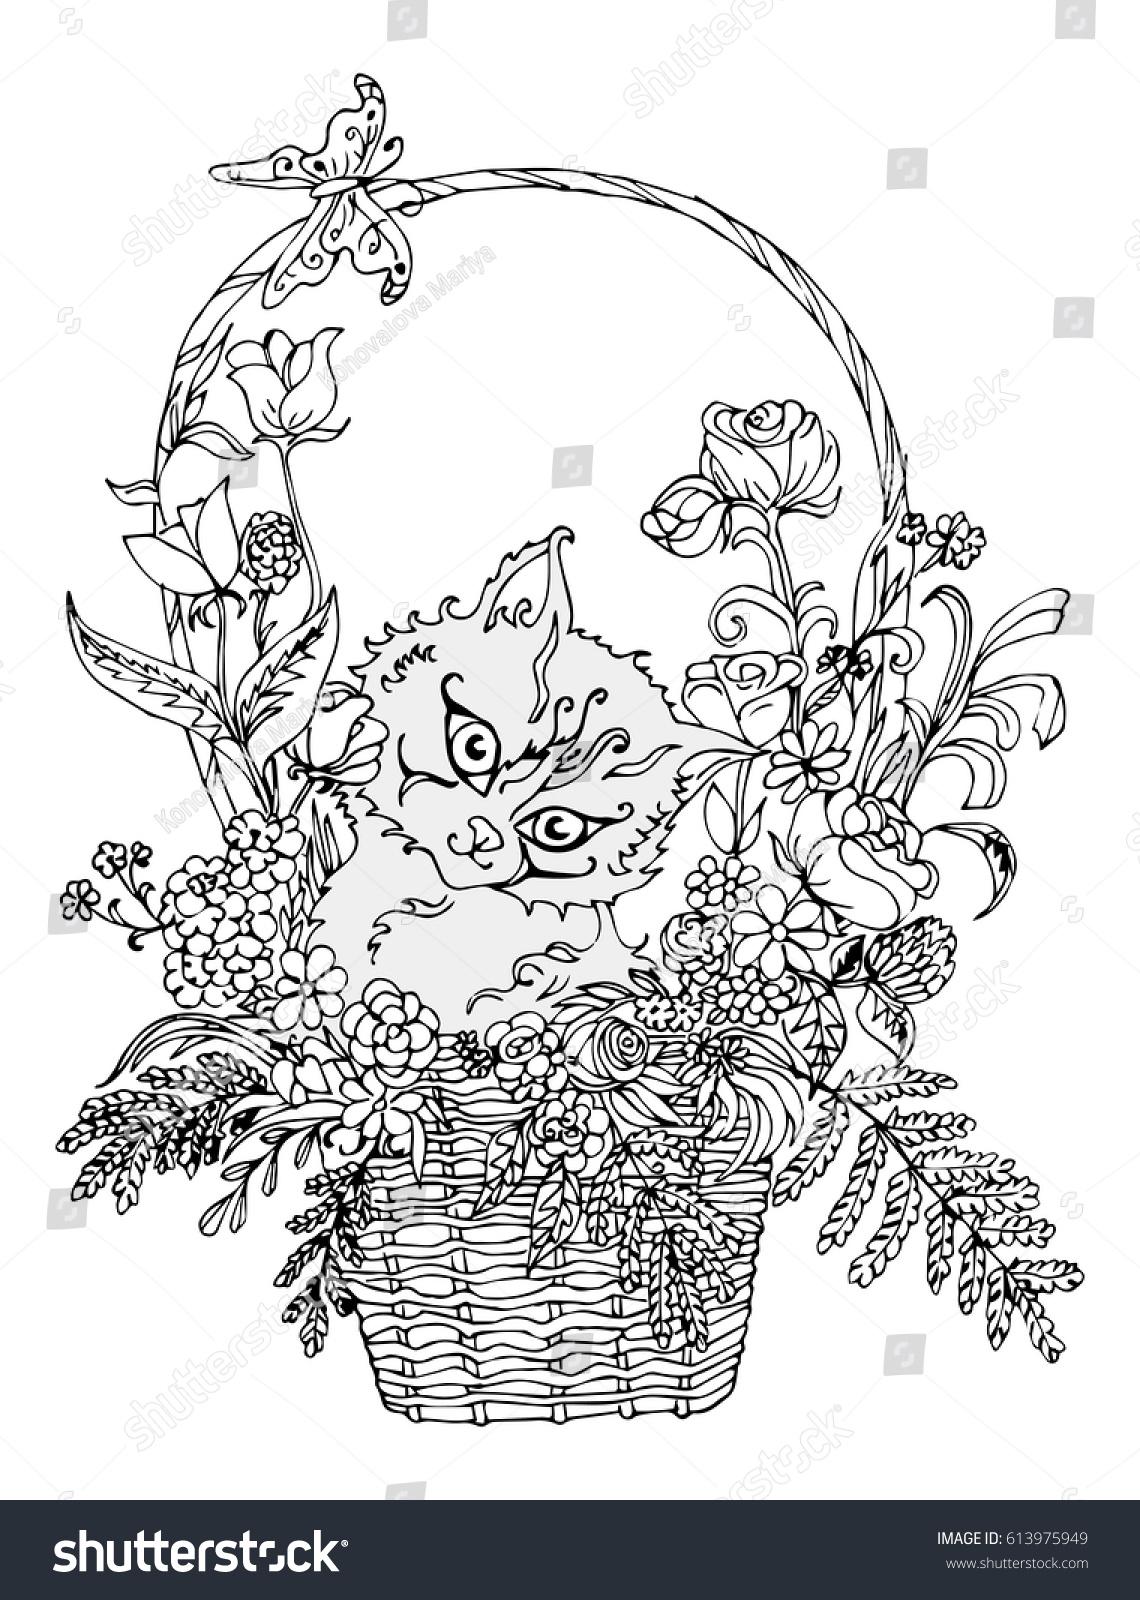 vector image kitten basket flowers ornament stock vector 613975949